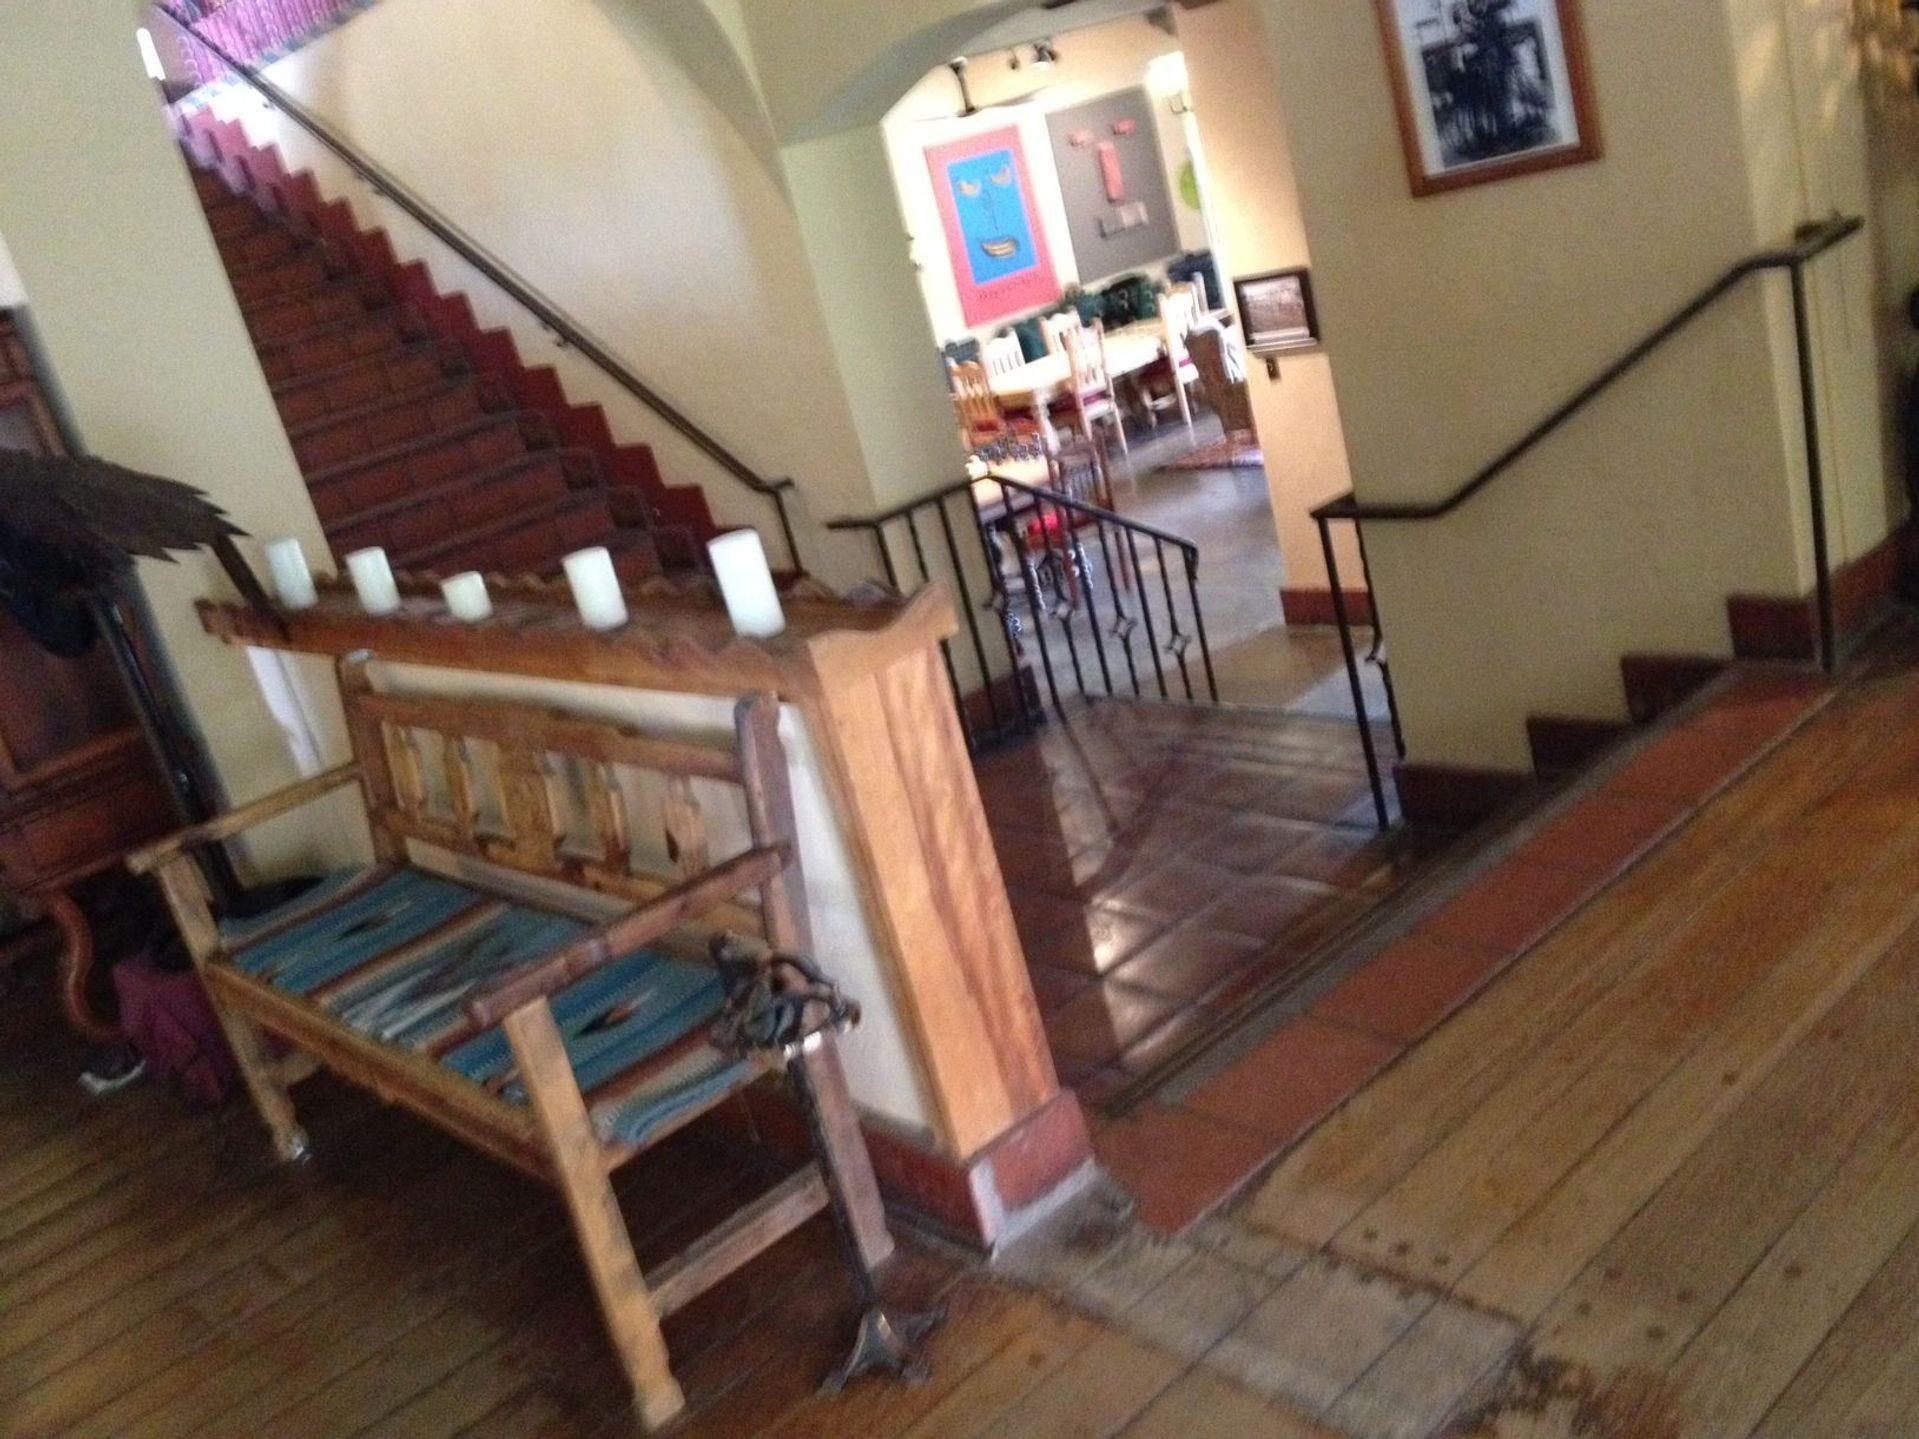 Escalera en el interior del hotel La Posada en Winslow, Arizona.